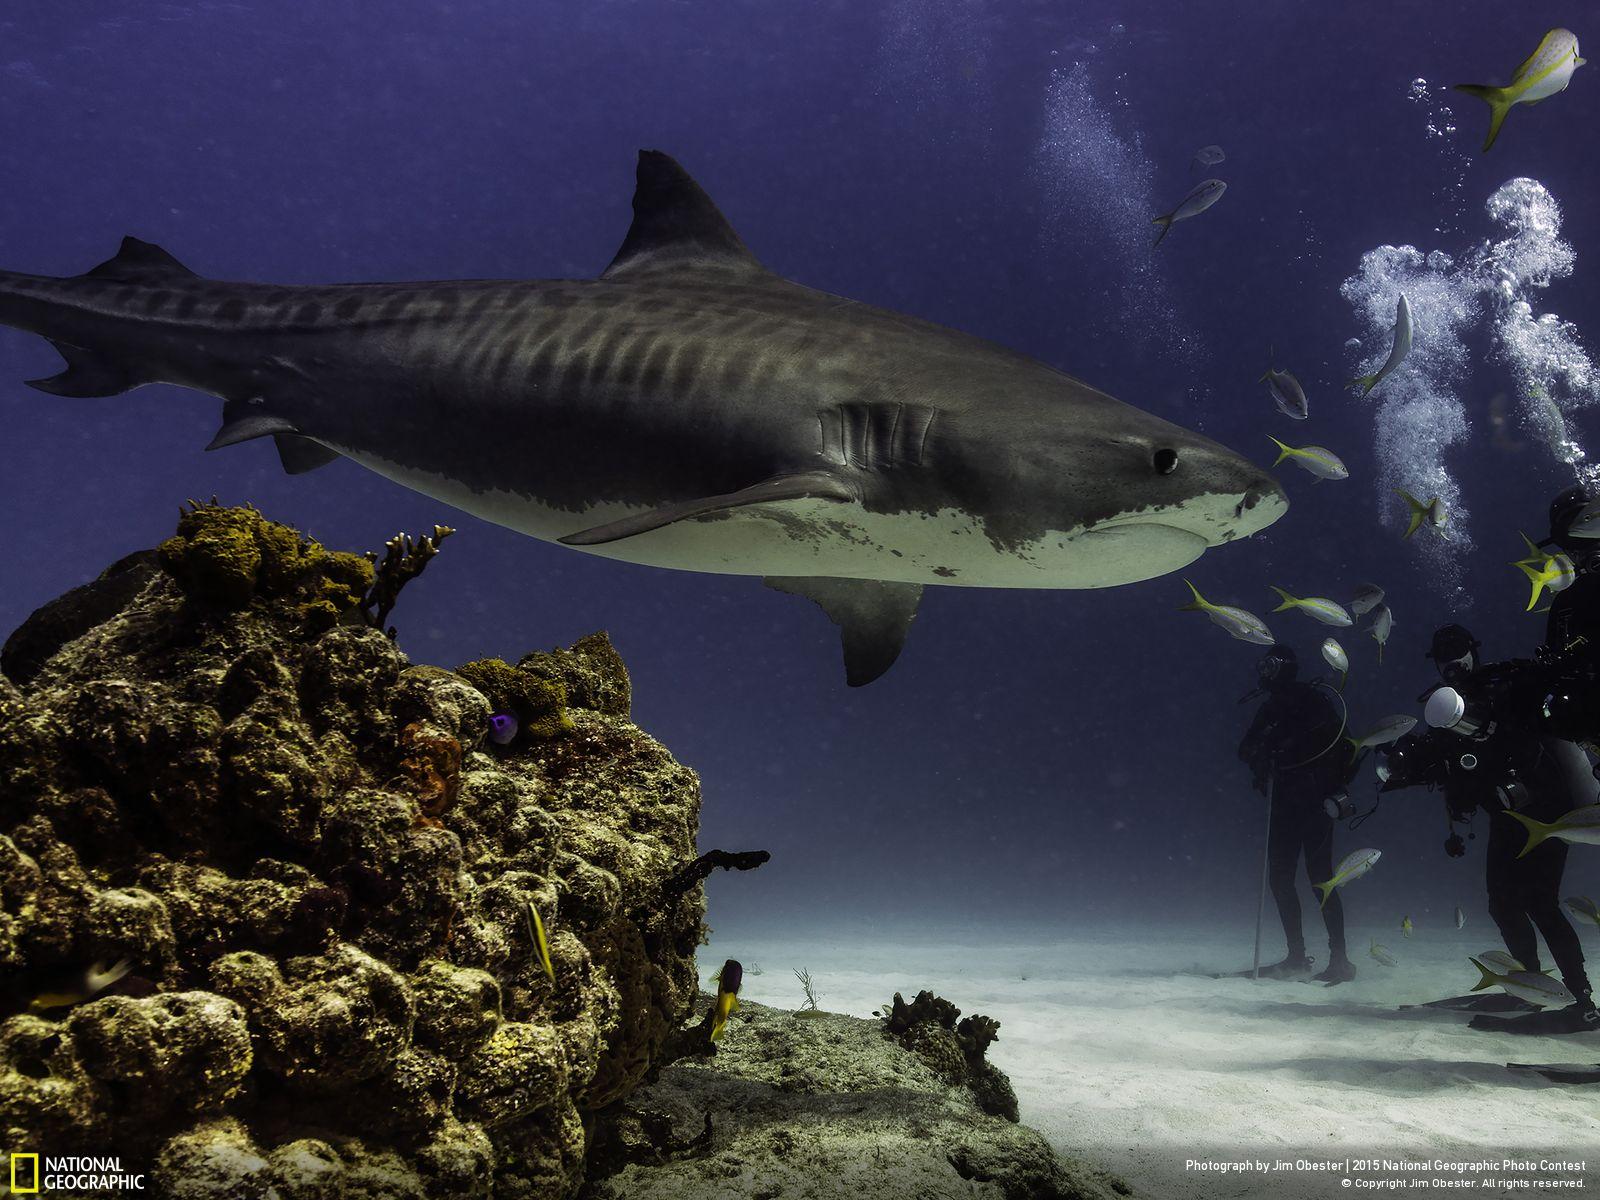 410 Подборка лучших фотографий, опубликованных журналом National Geographic в 2015 году